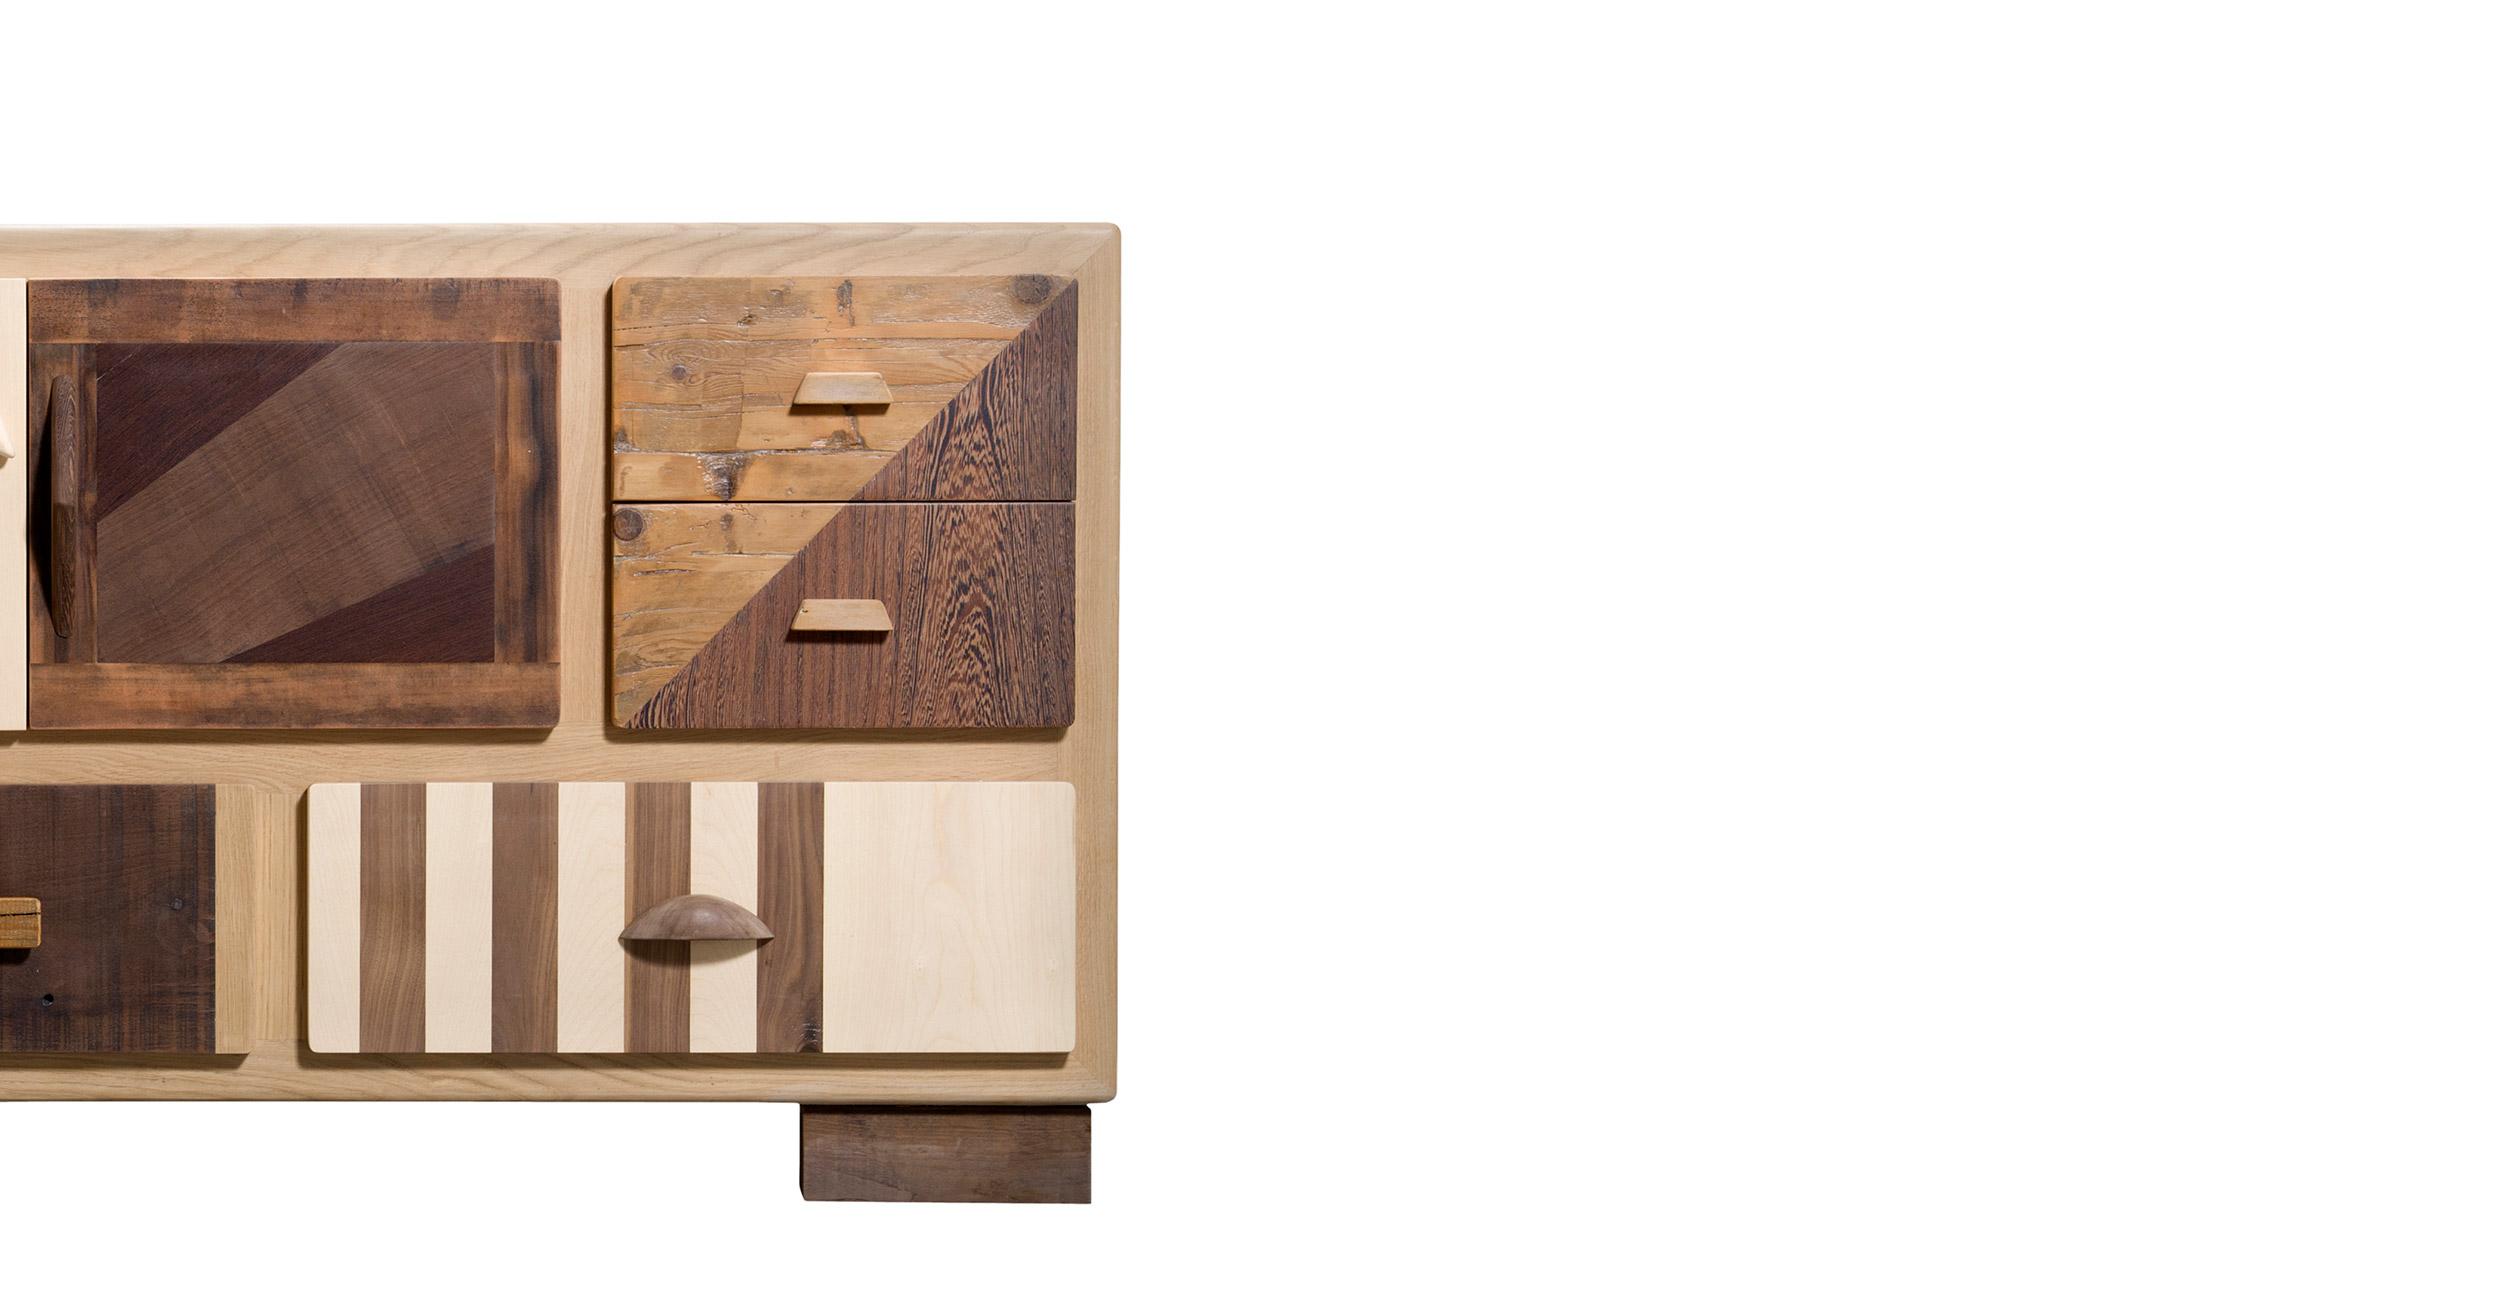 madia in legno massello moderna e legno di recupero chiaro e scuro